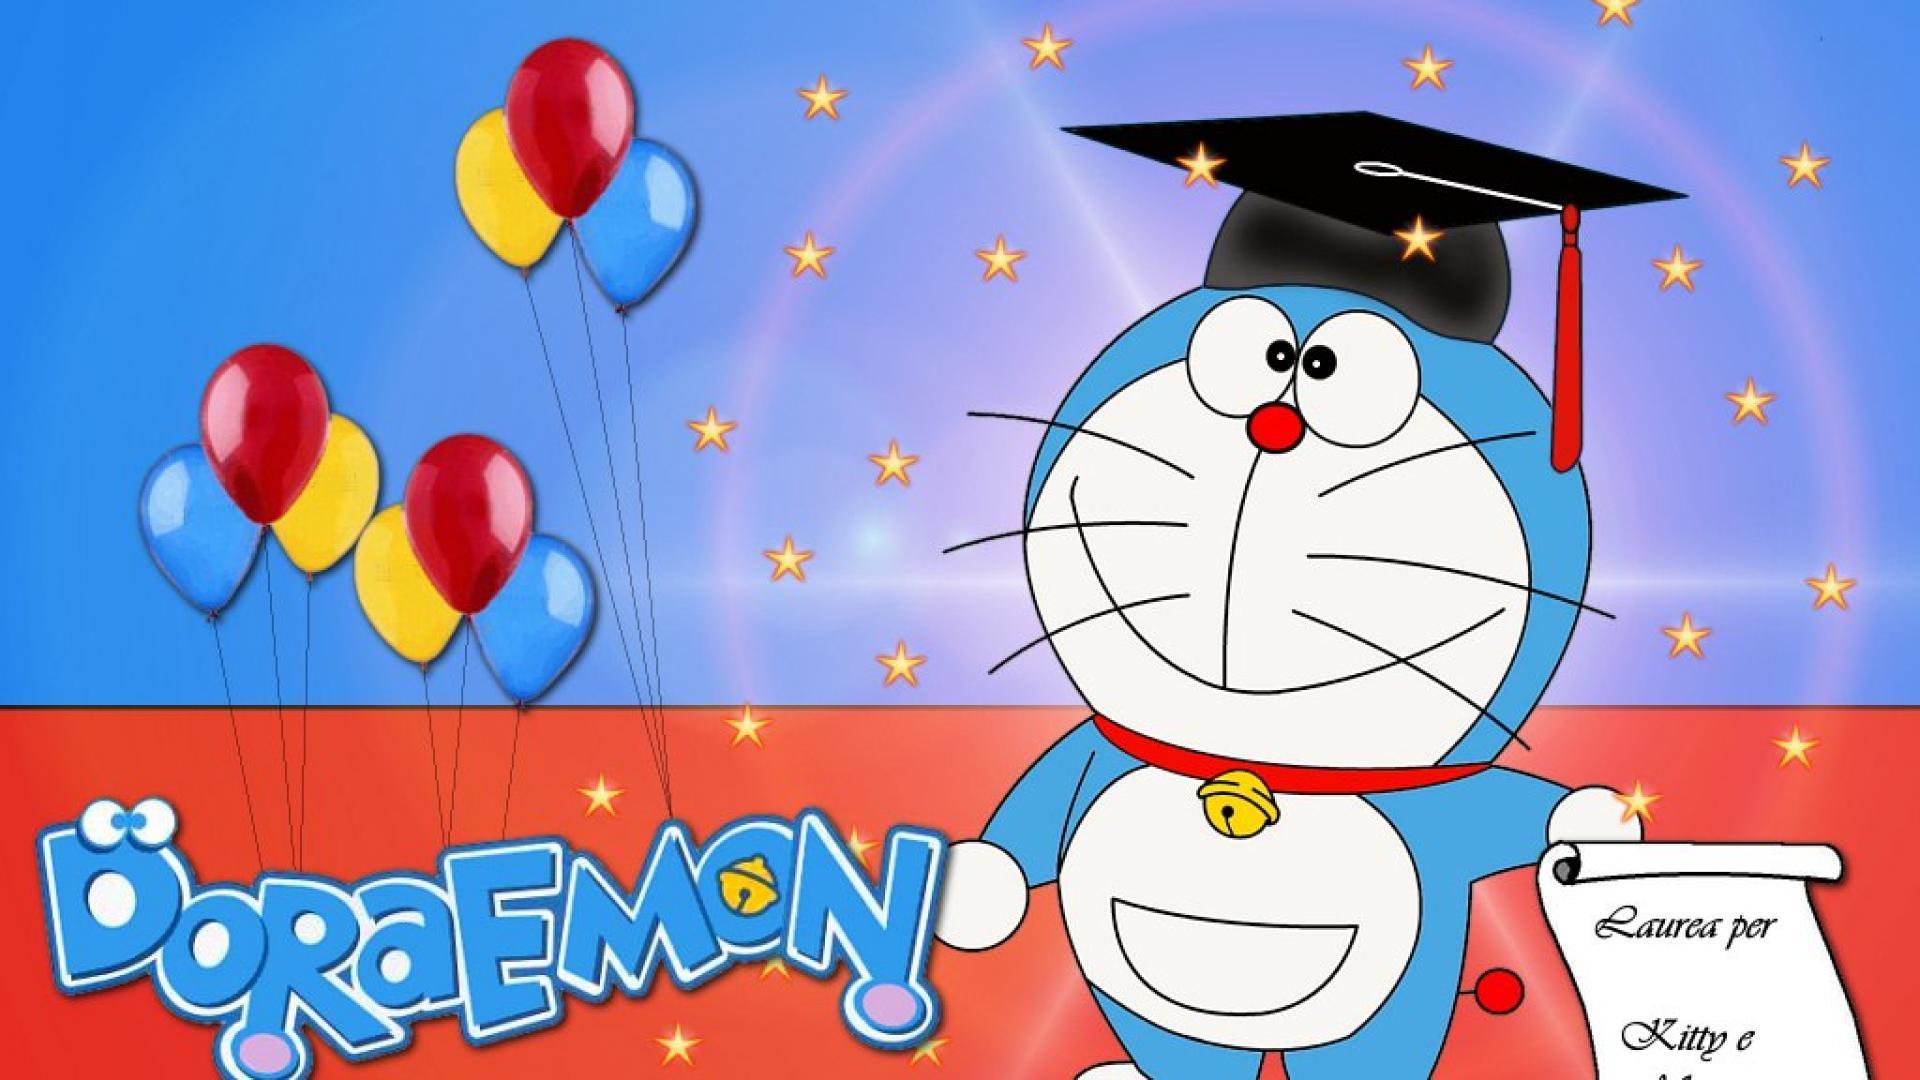 Doraemon wallpaper 8